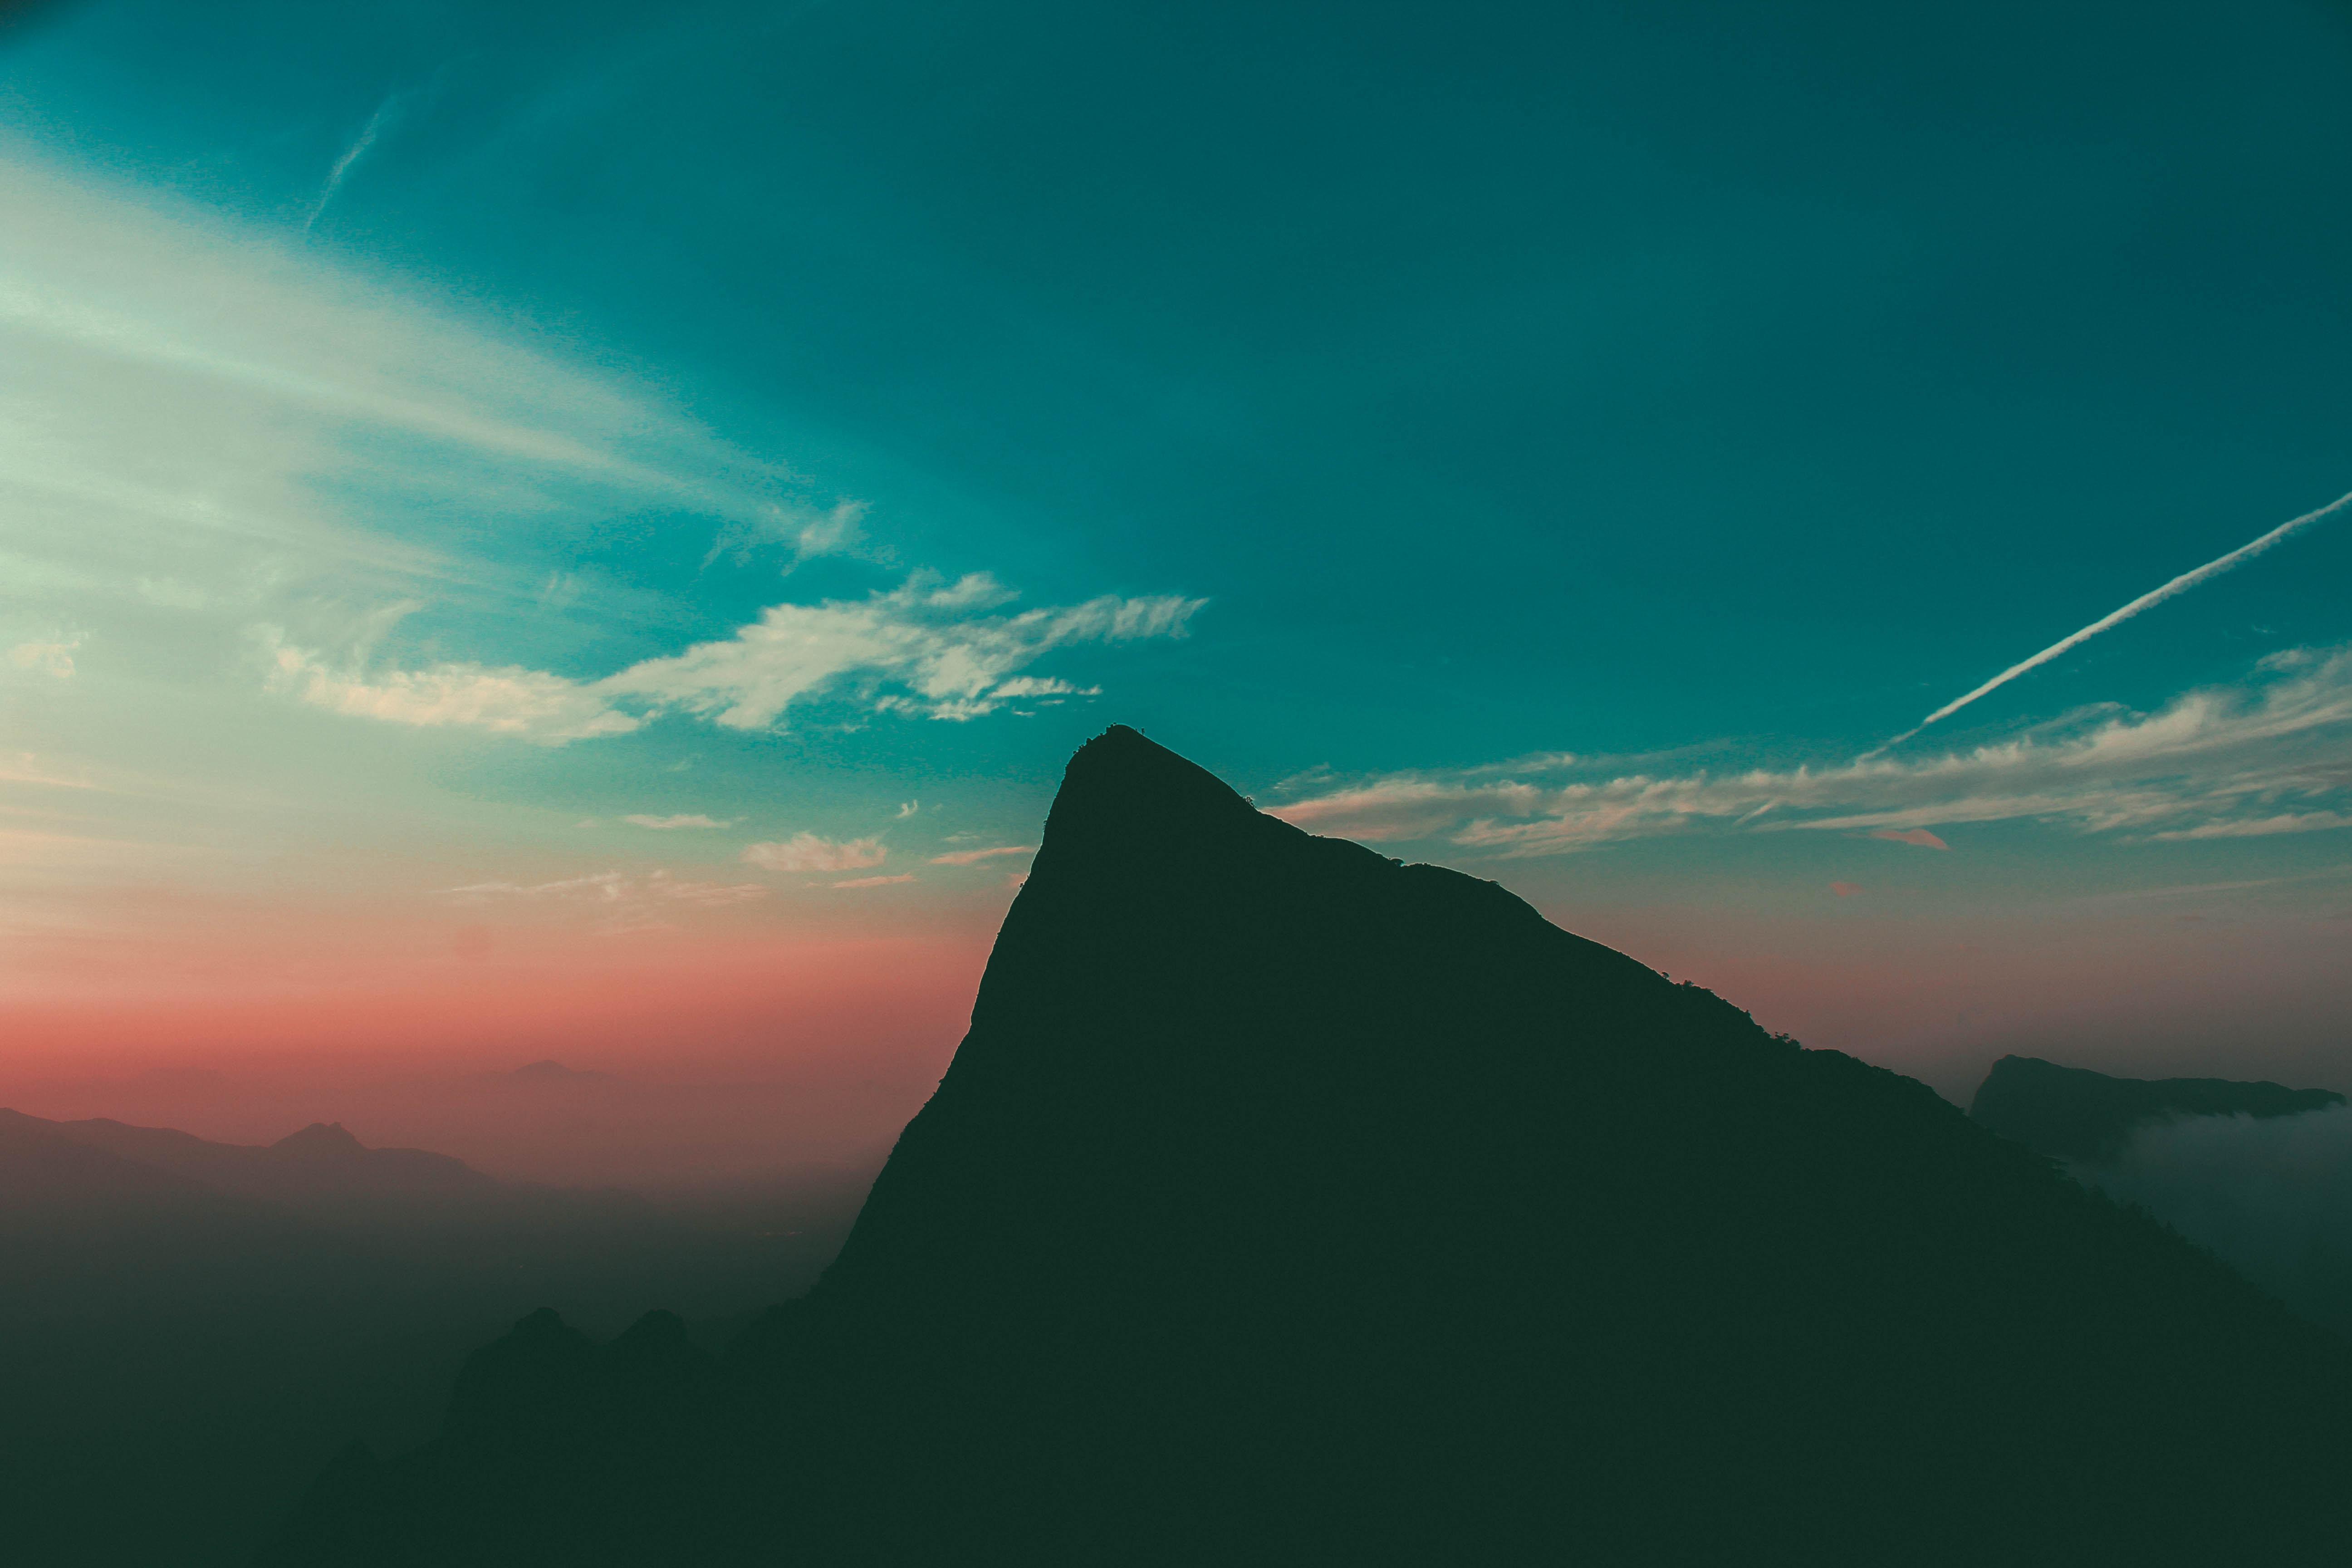 113913壁紙のダウンロード闇, 暗い, 山, スカイ, イブニング, 夕方-スクリーンセーバーと写真を無料で